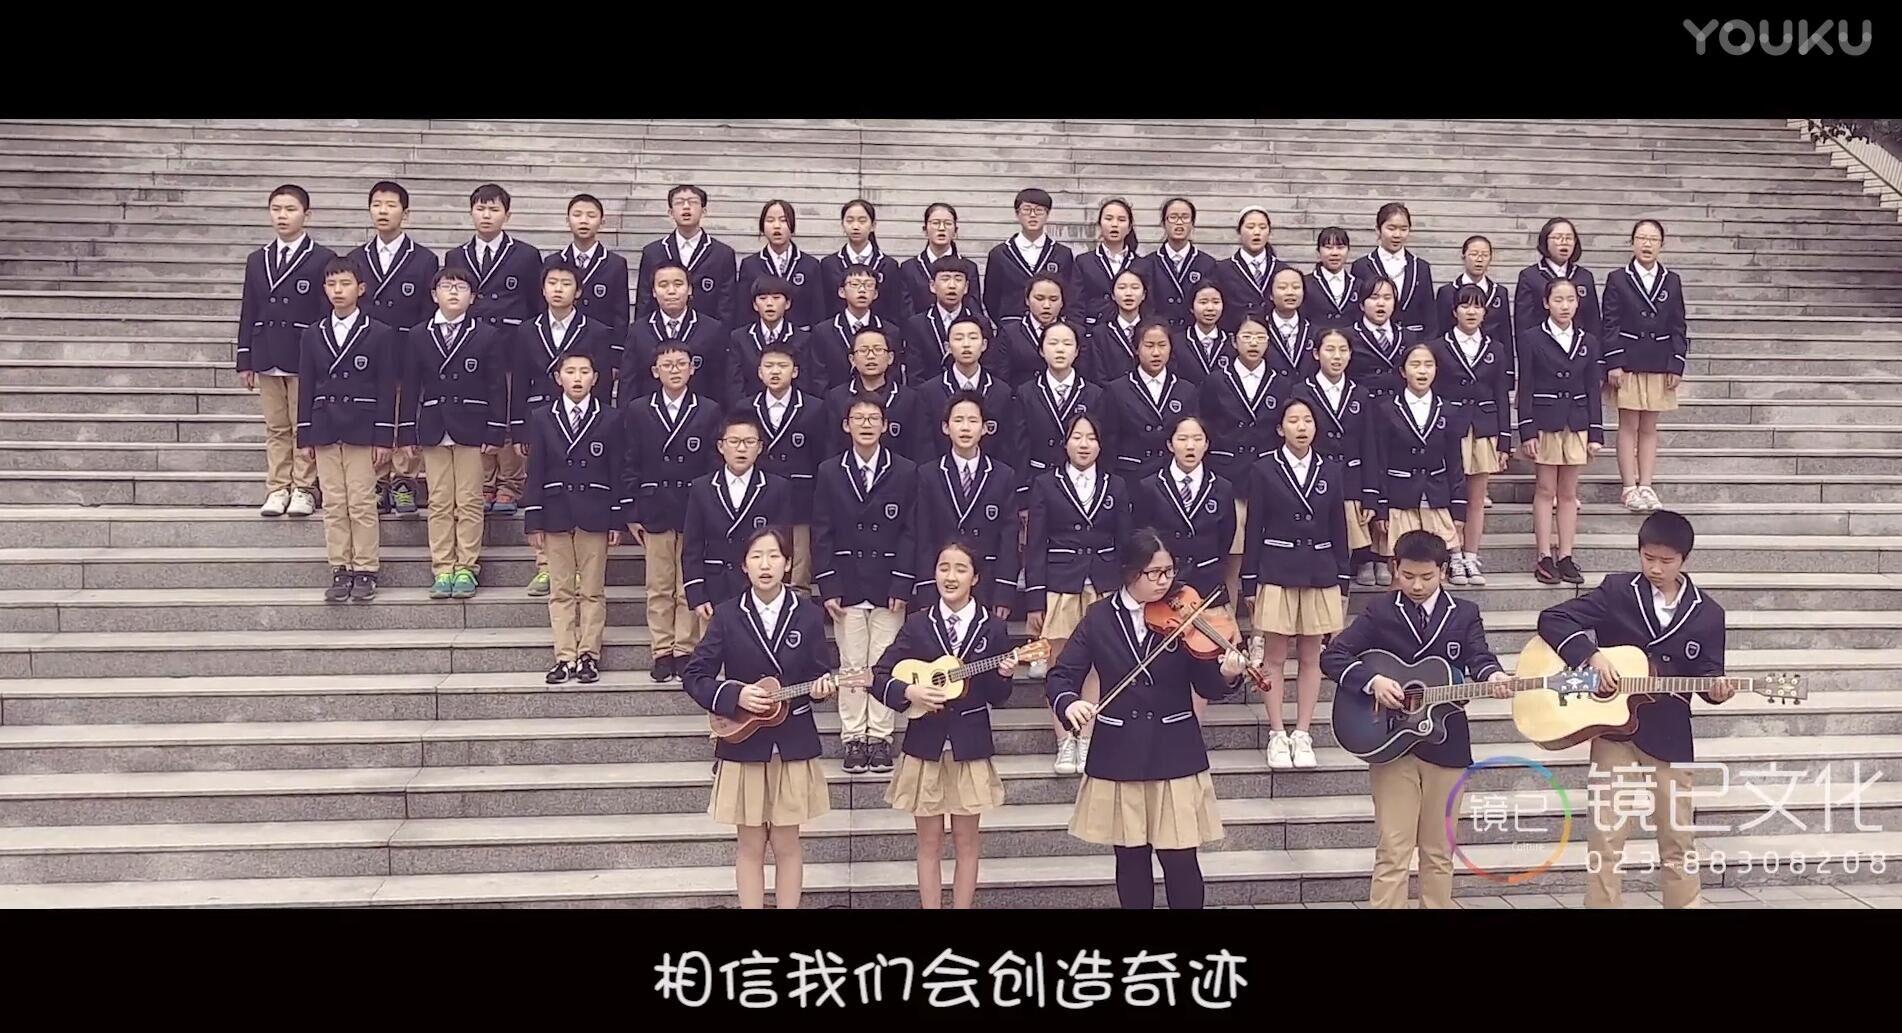 巴蜀中學校園班級MV-相信茄子成视频人app下载會創造奇跡